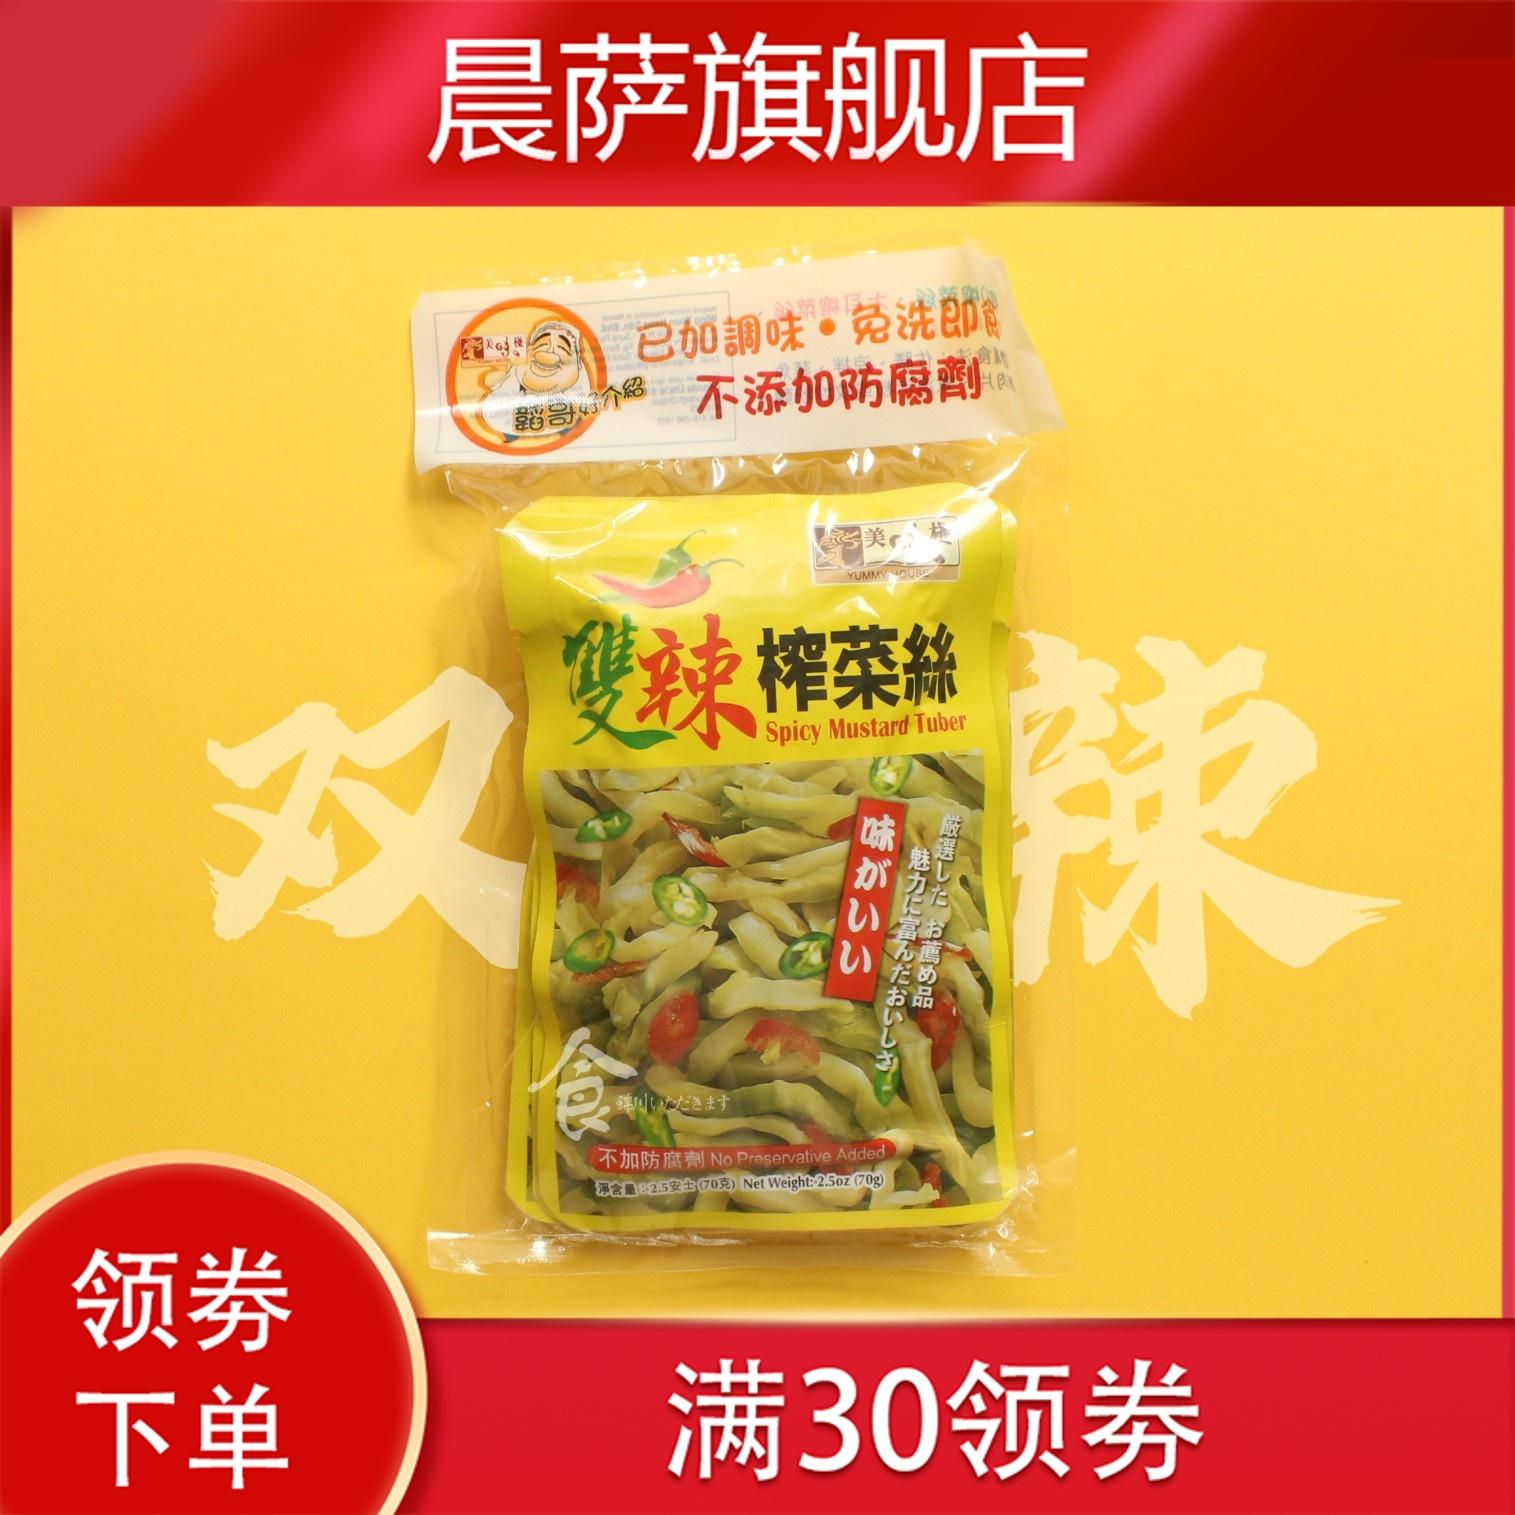 新款 香港美味栈爽口味木耳双辣榨菜丝配粥小吃前菜无3包装腌